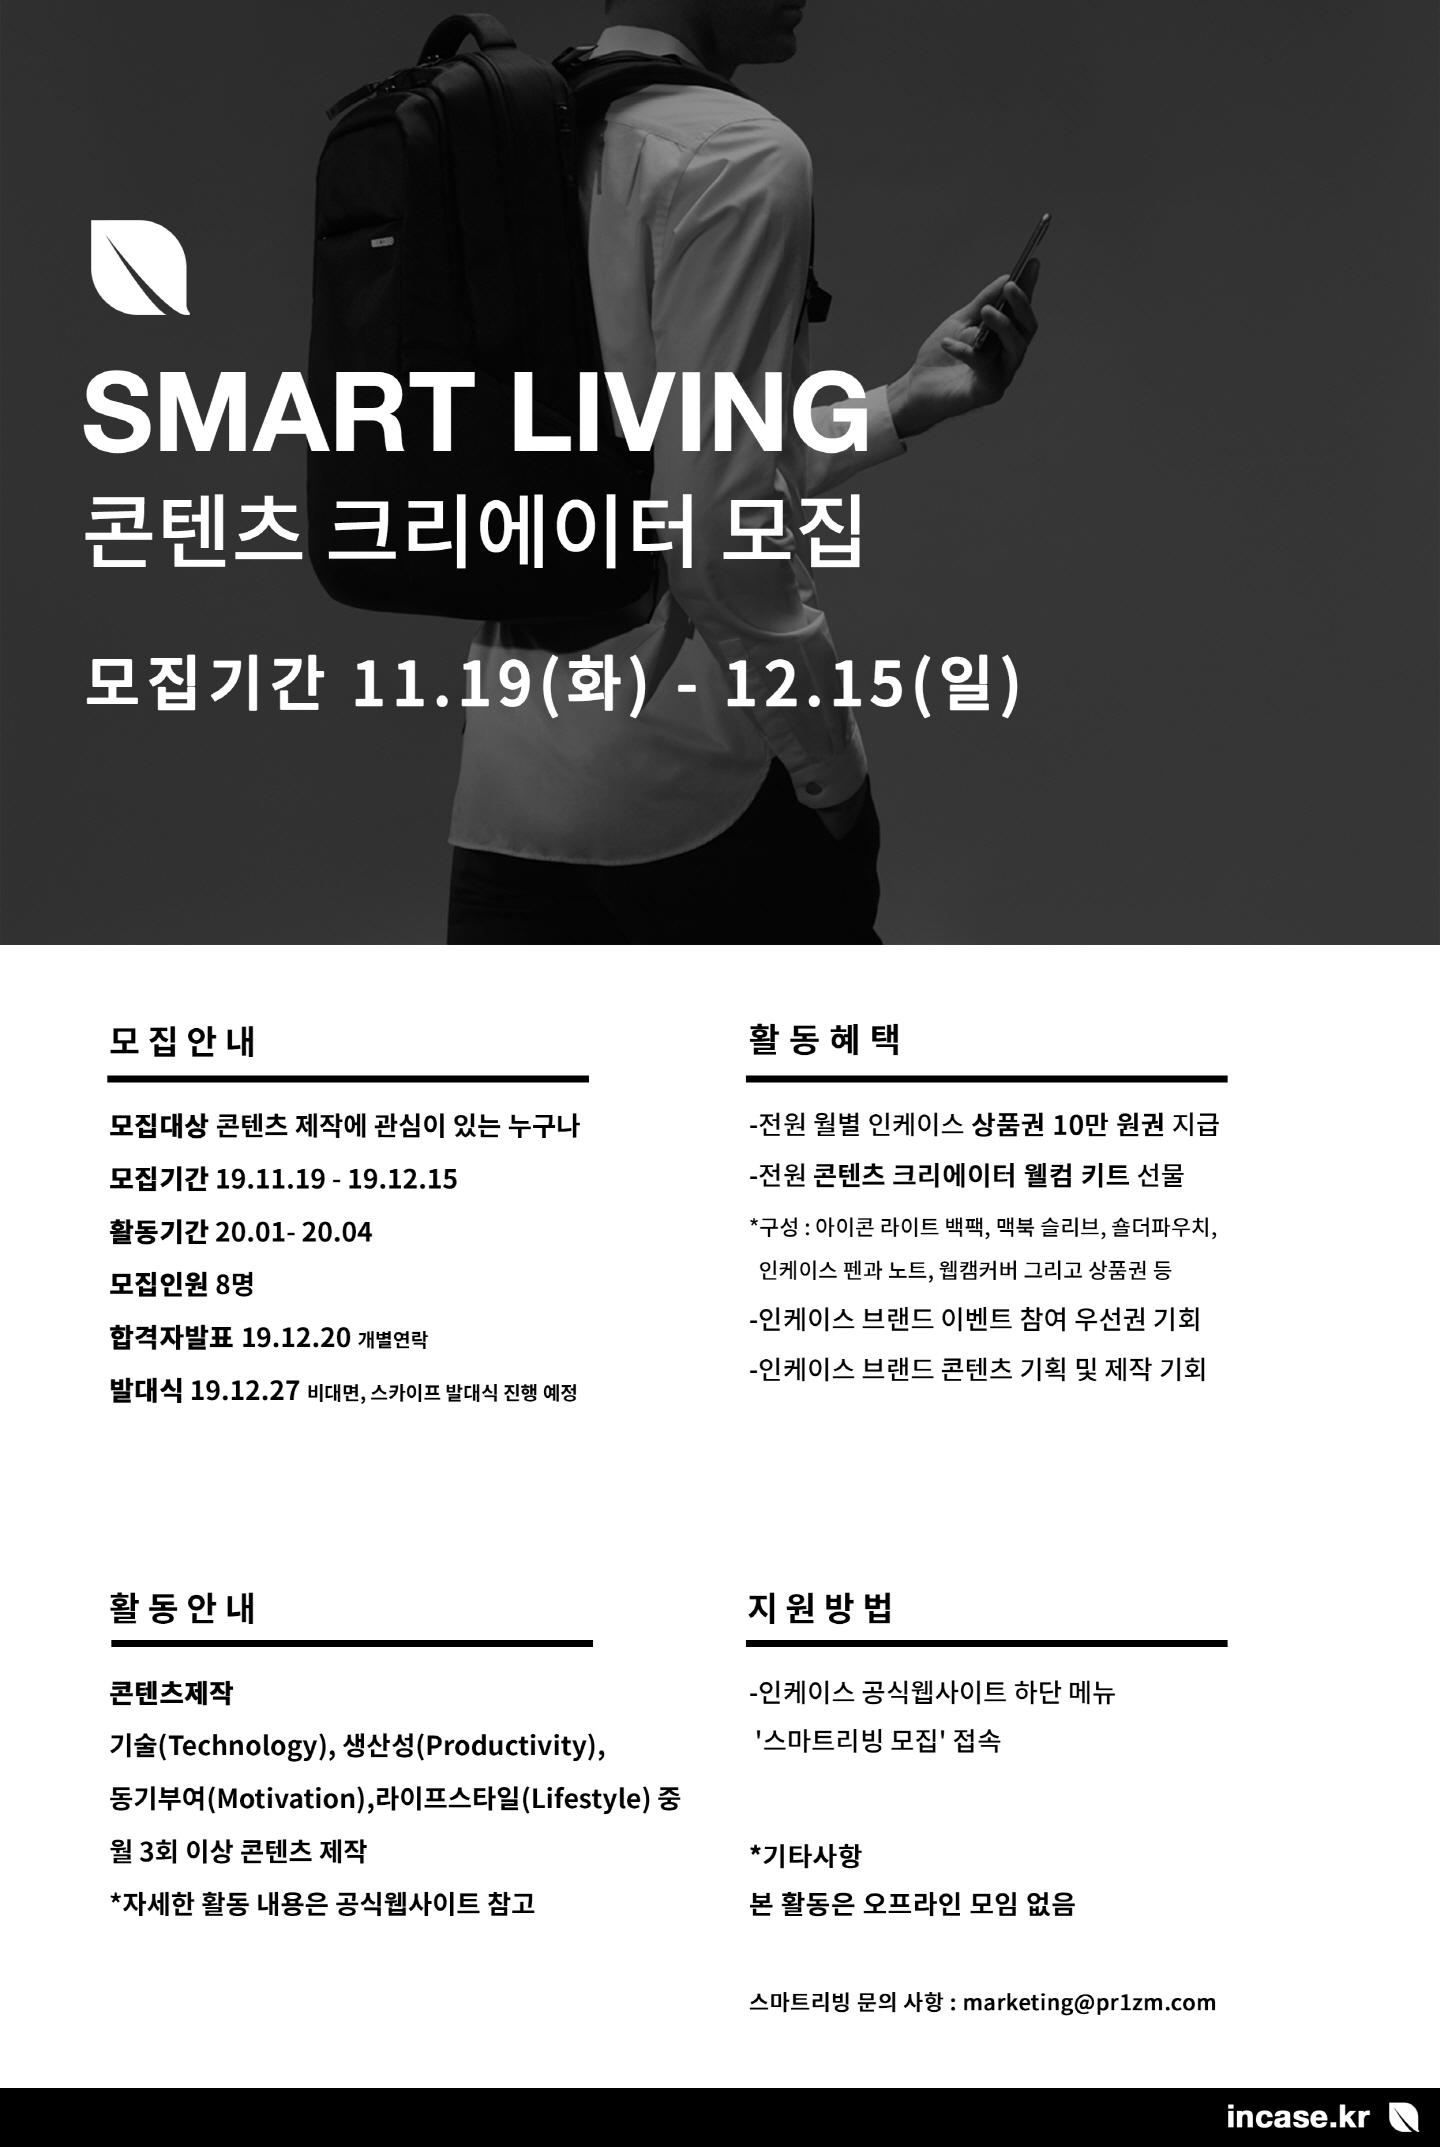 [인케이스] SMART LIVING 콘텐츠 크리에이터 3기 모집